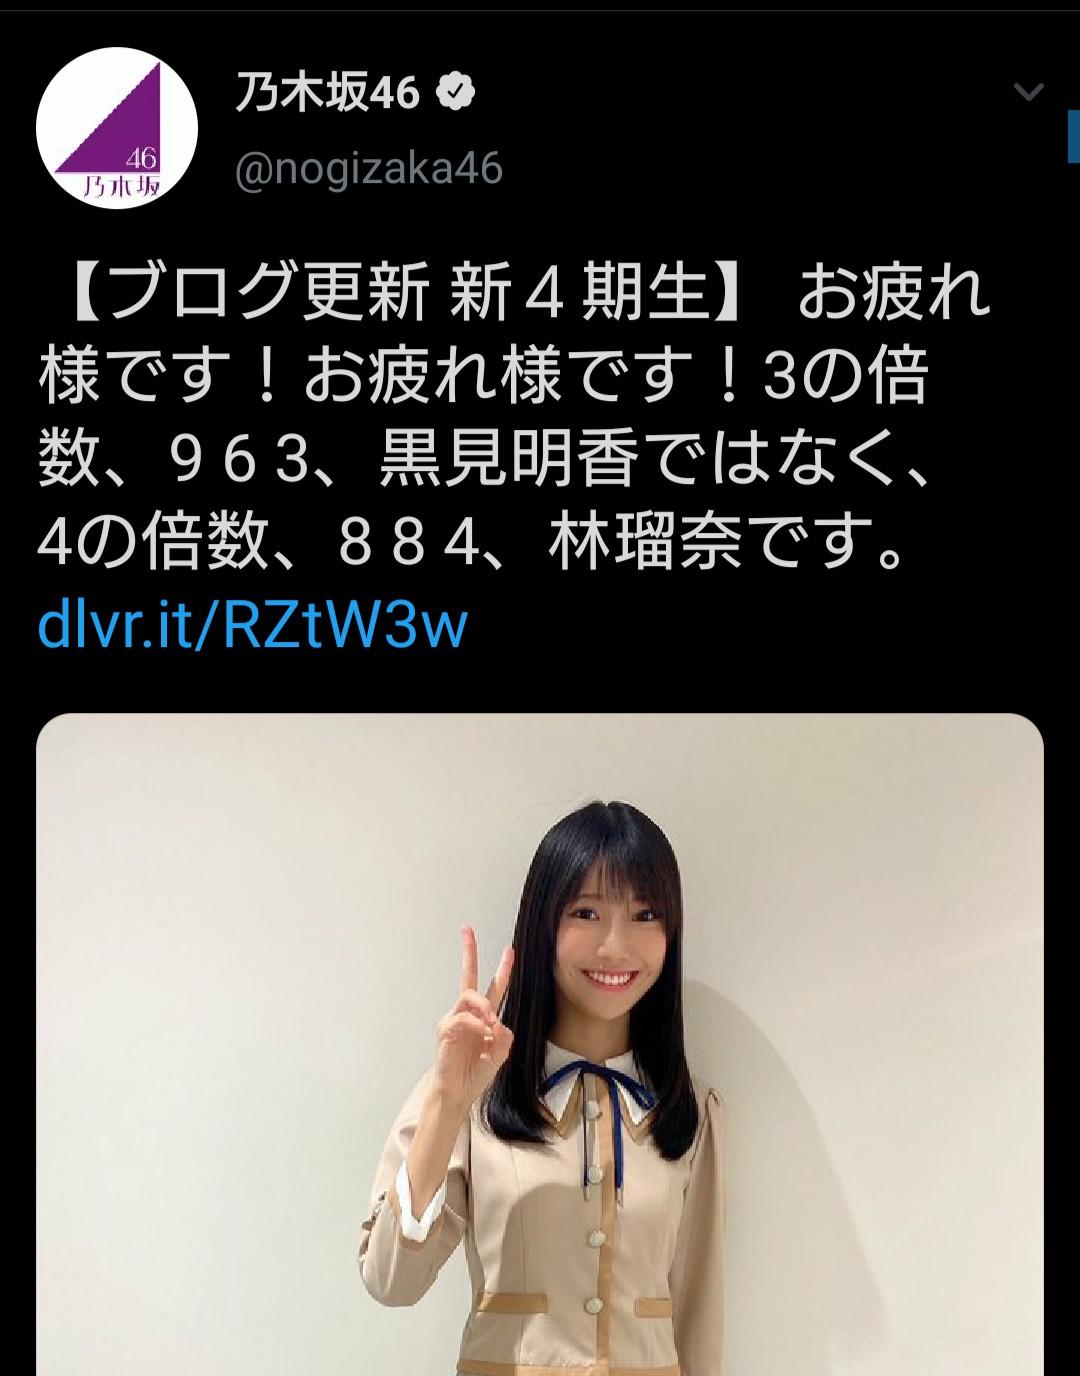 フェイク 動画 乃木坂